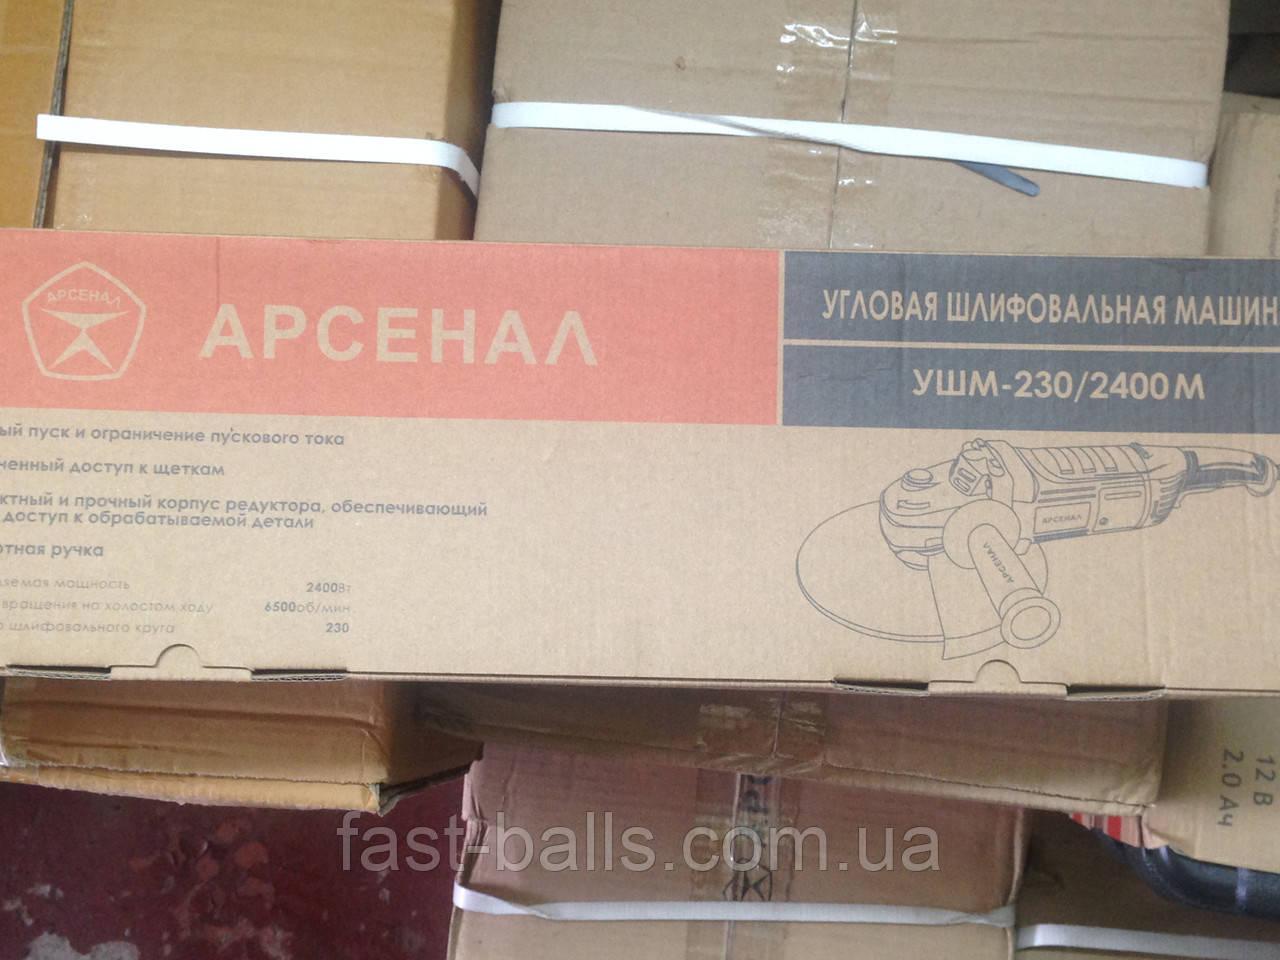 Болгарка Арсенал 230/2400М